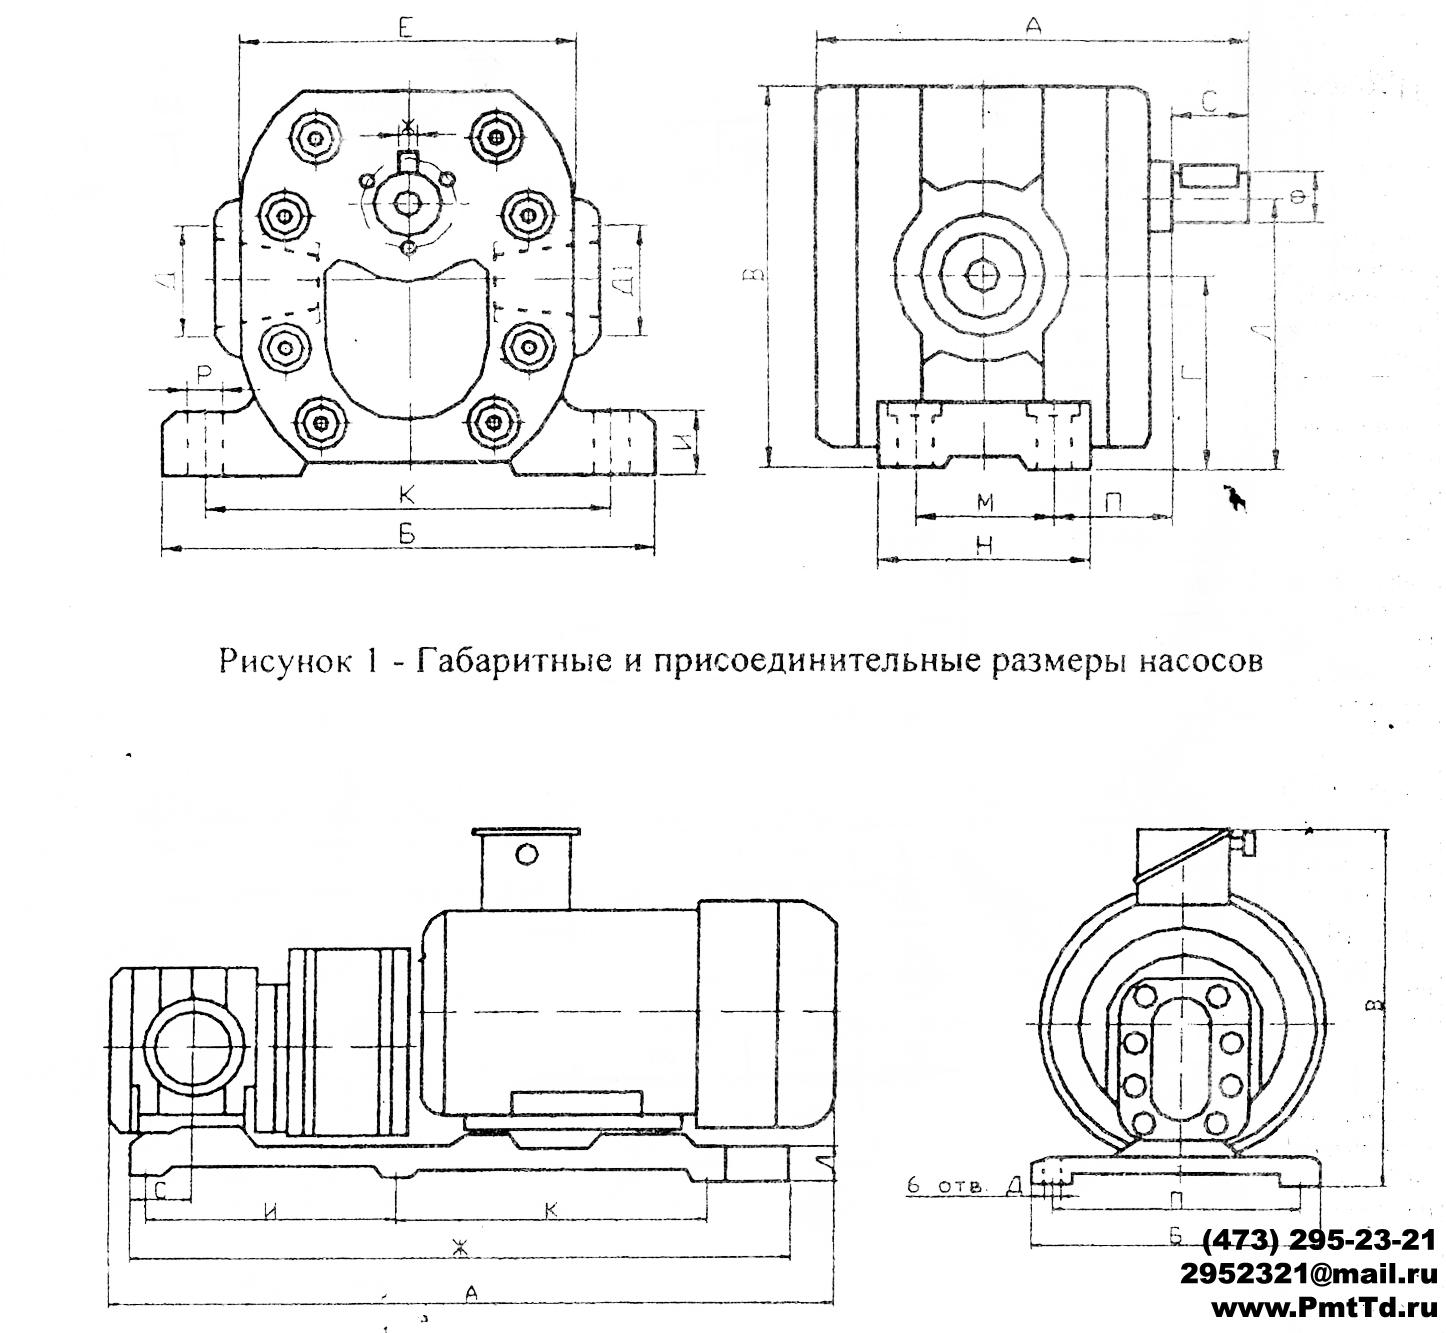 Габаритные и присоеденительные размеры гидронасосов и насосных агрегатов марки Г11-2 БГ11-2 ДБГ11-2